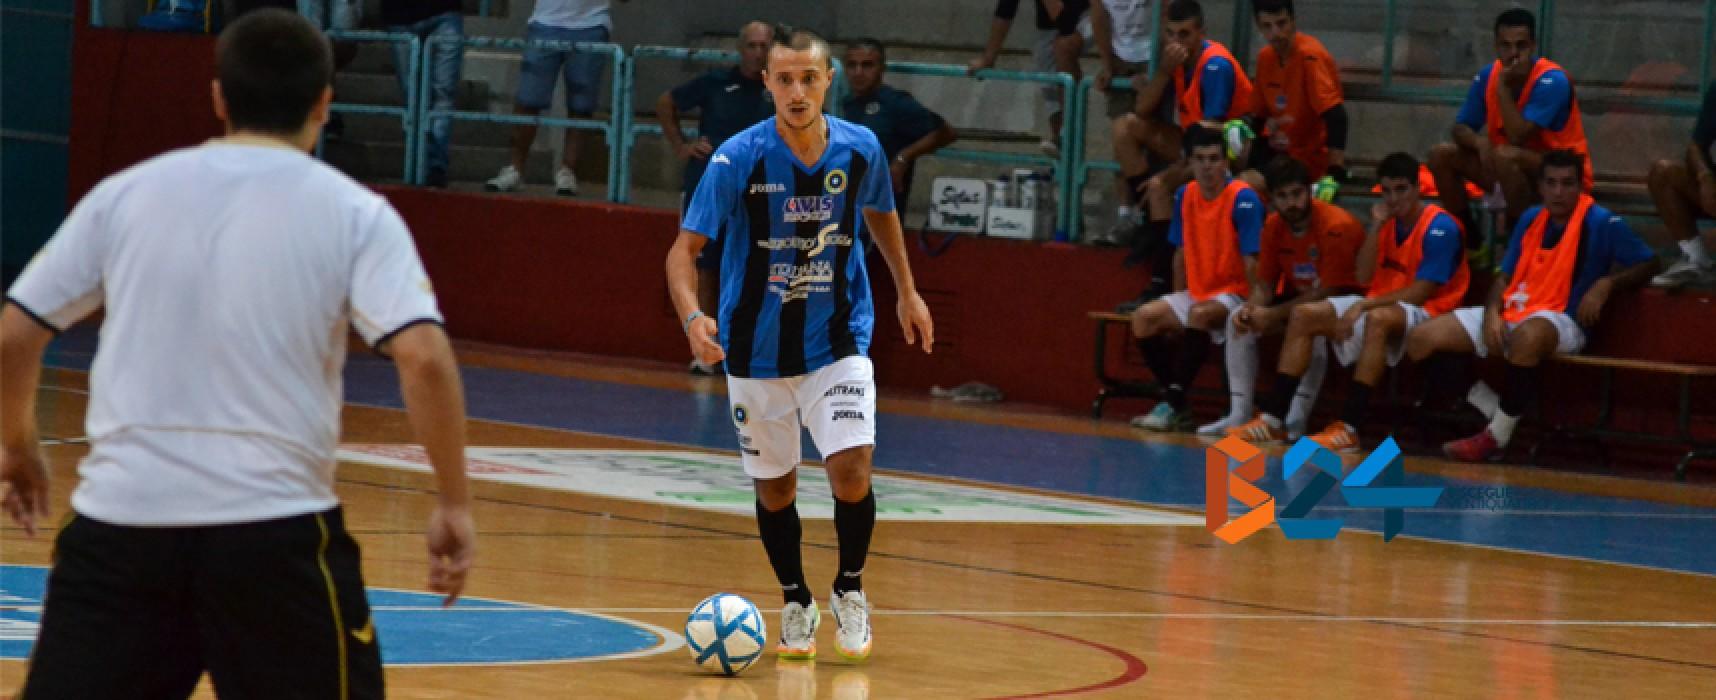 Settebello Futsal Bisceglie: batte il Manfredonia e consolida il primato